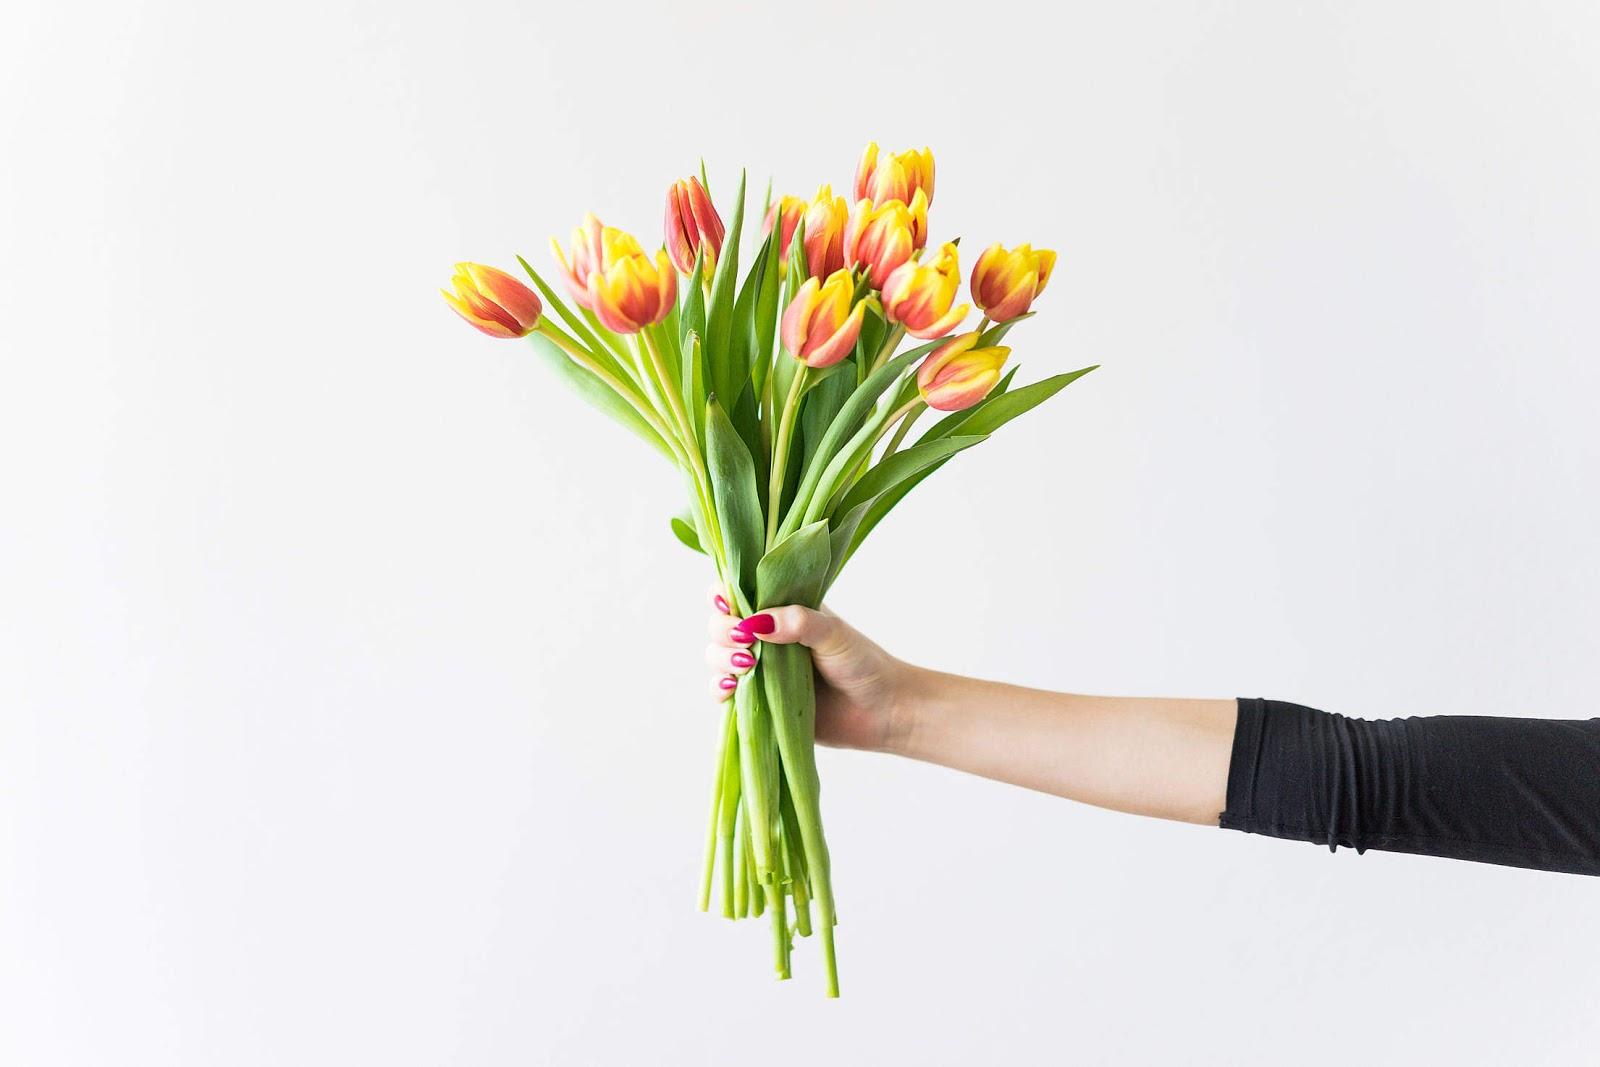 Lista rzeczy do zrobienia Wiosną!